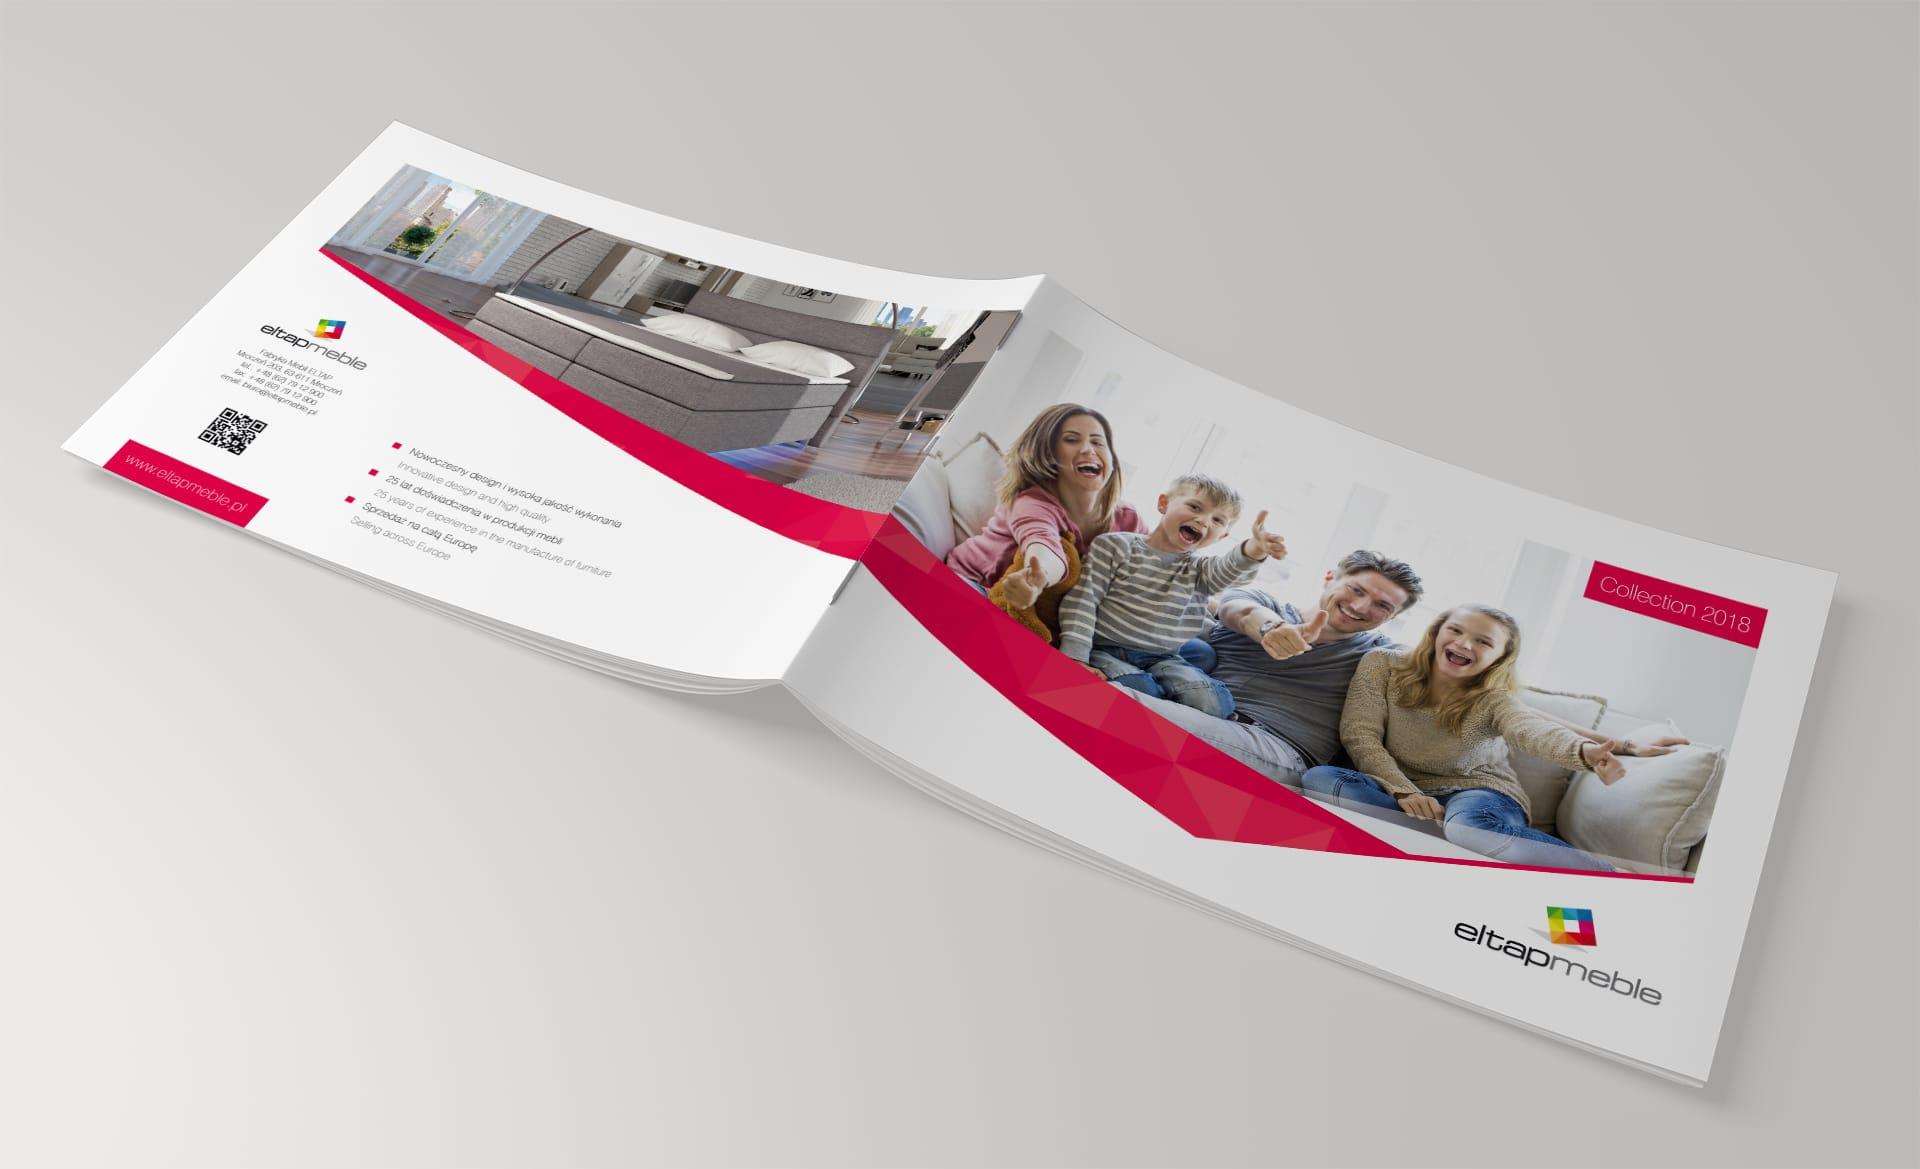 Projektowanie identyfikacji wizualnej katalogi reklamowe foldery produktowe dla firmy Eltap Meble Agencja brandingowa Moweli Creative Dąbrowa Górnicza Sosnowiec Katowice Warszawa Wrocław Kraków Gdańsk